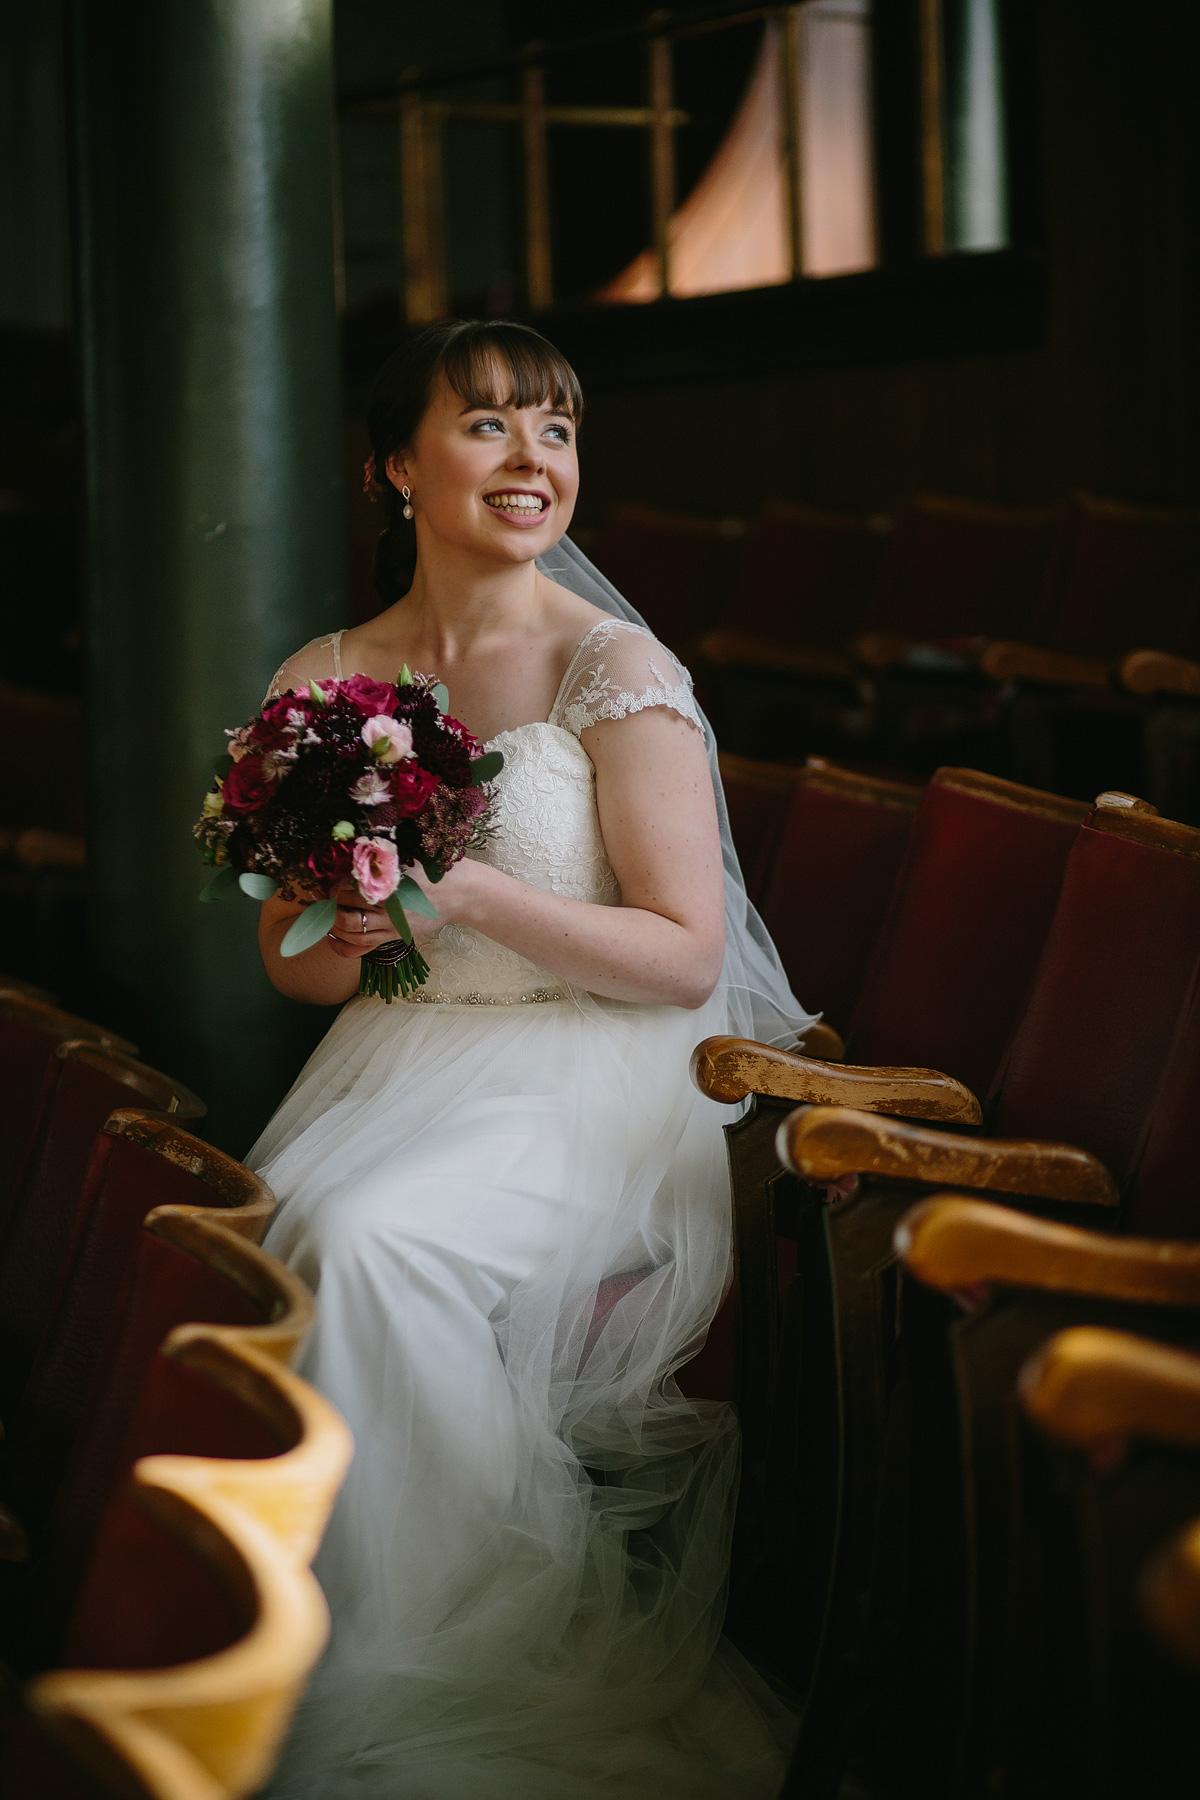 045-somerset-wedding-photographer-matt-bowen-at-the-retreat.jpg